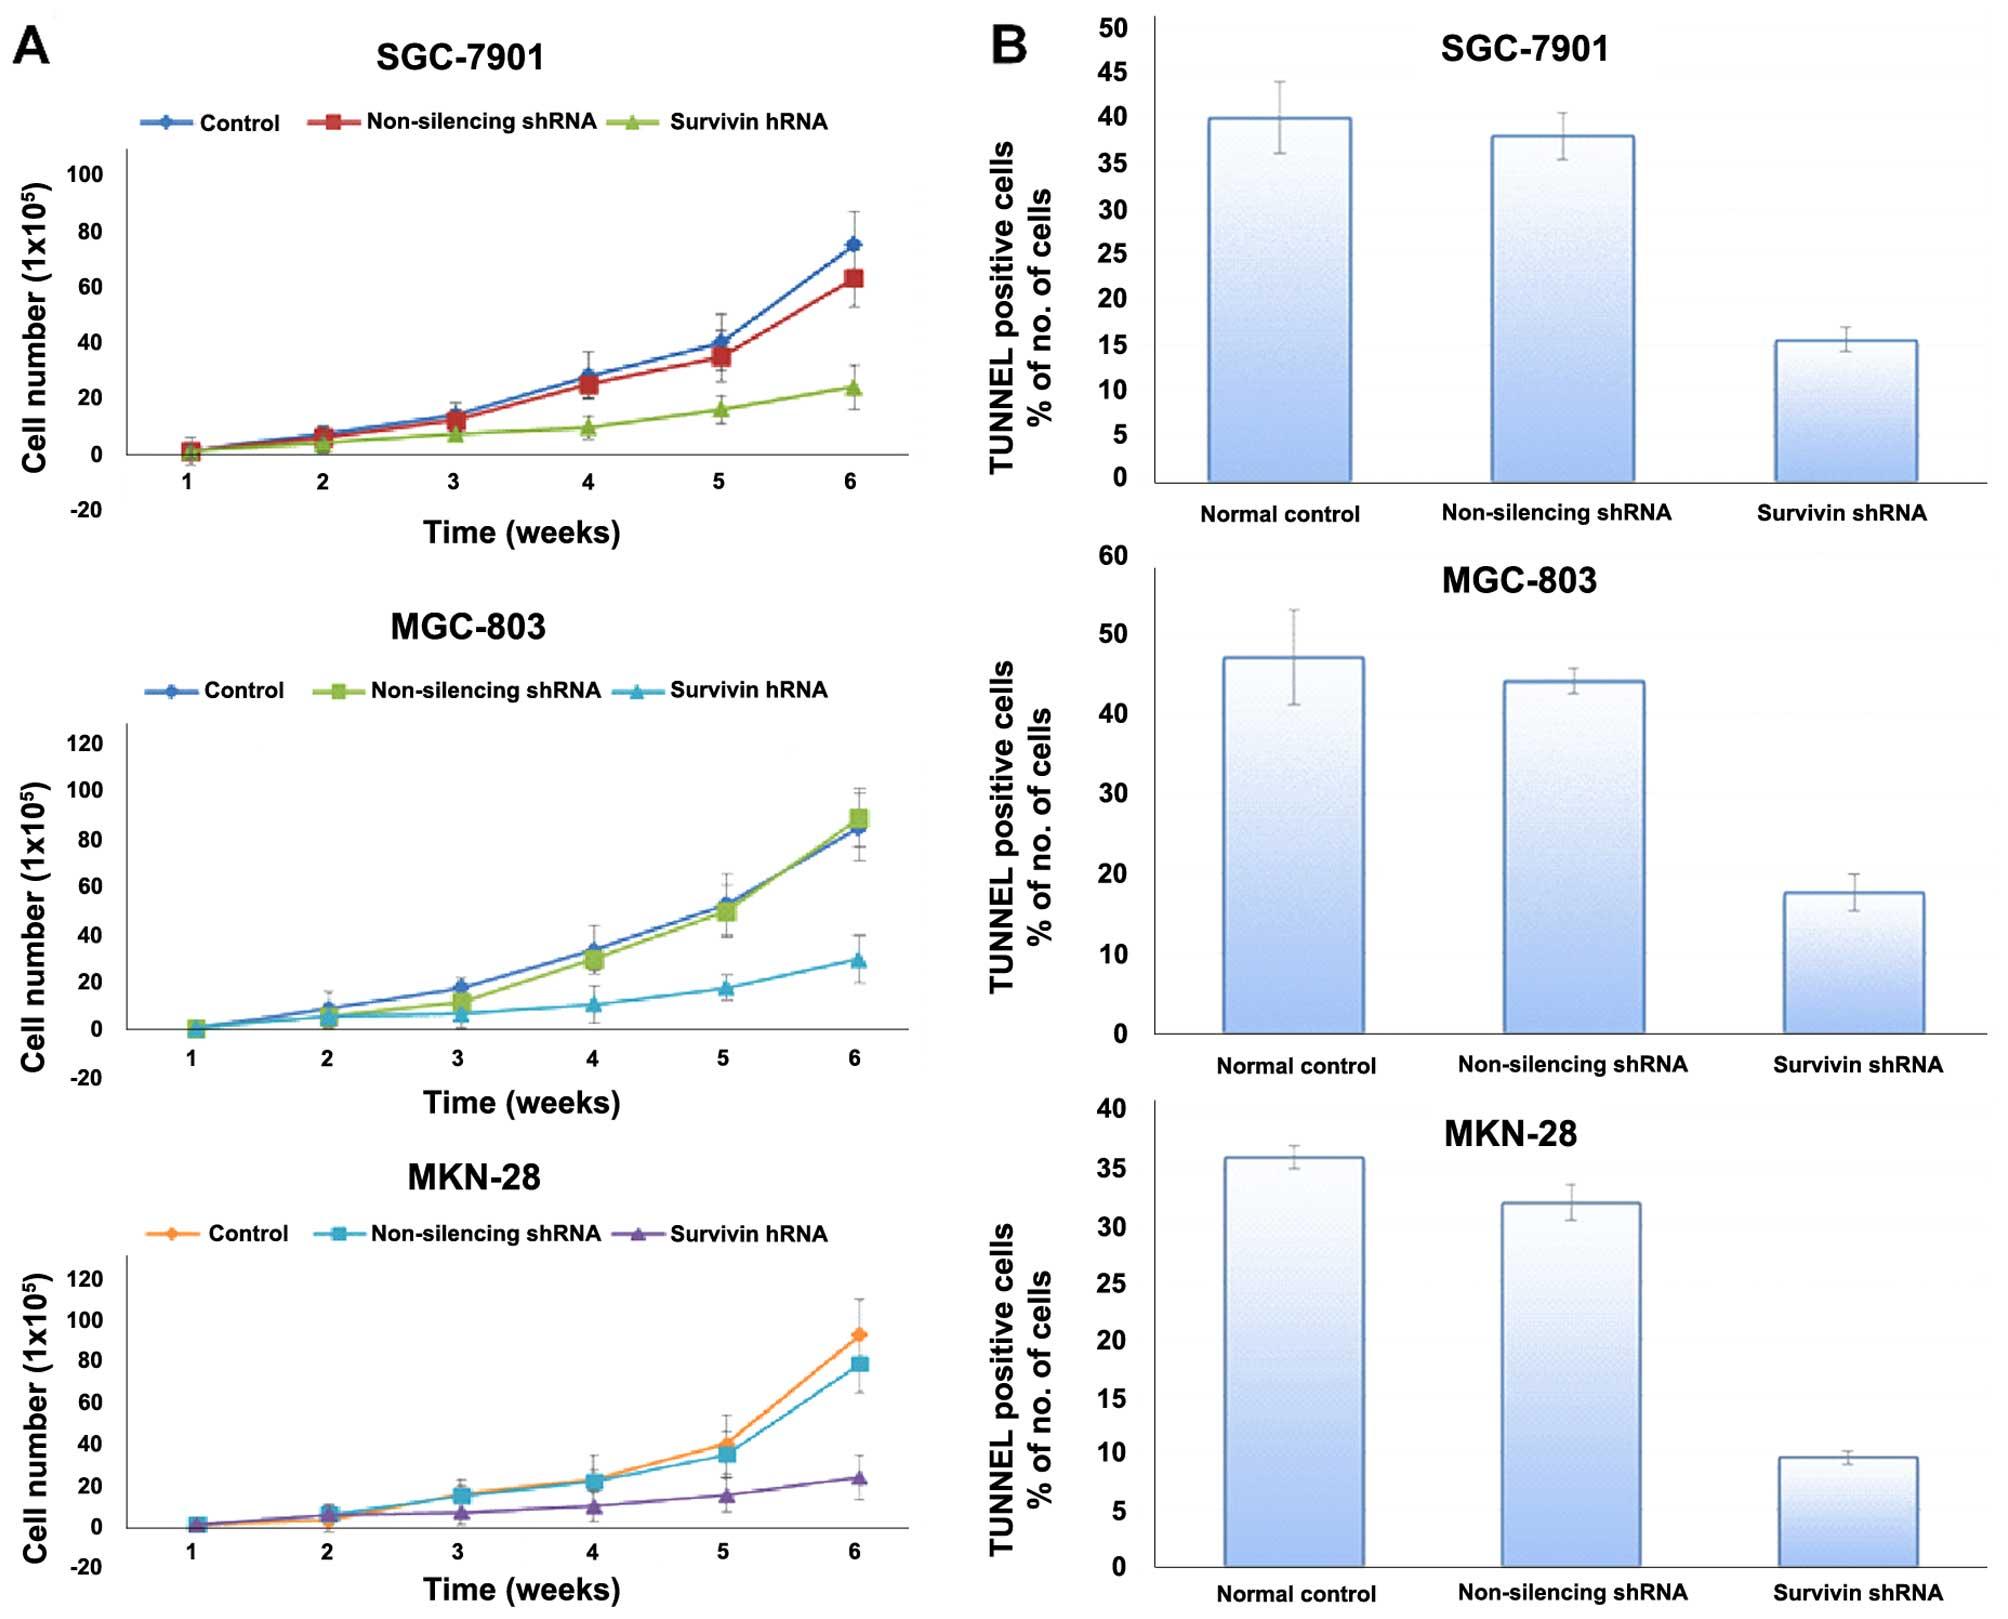 Lentiviral vector-mediated survivin shRNA delivery in